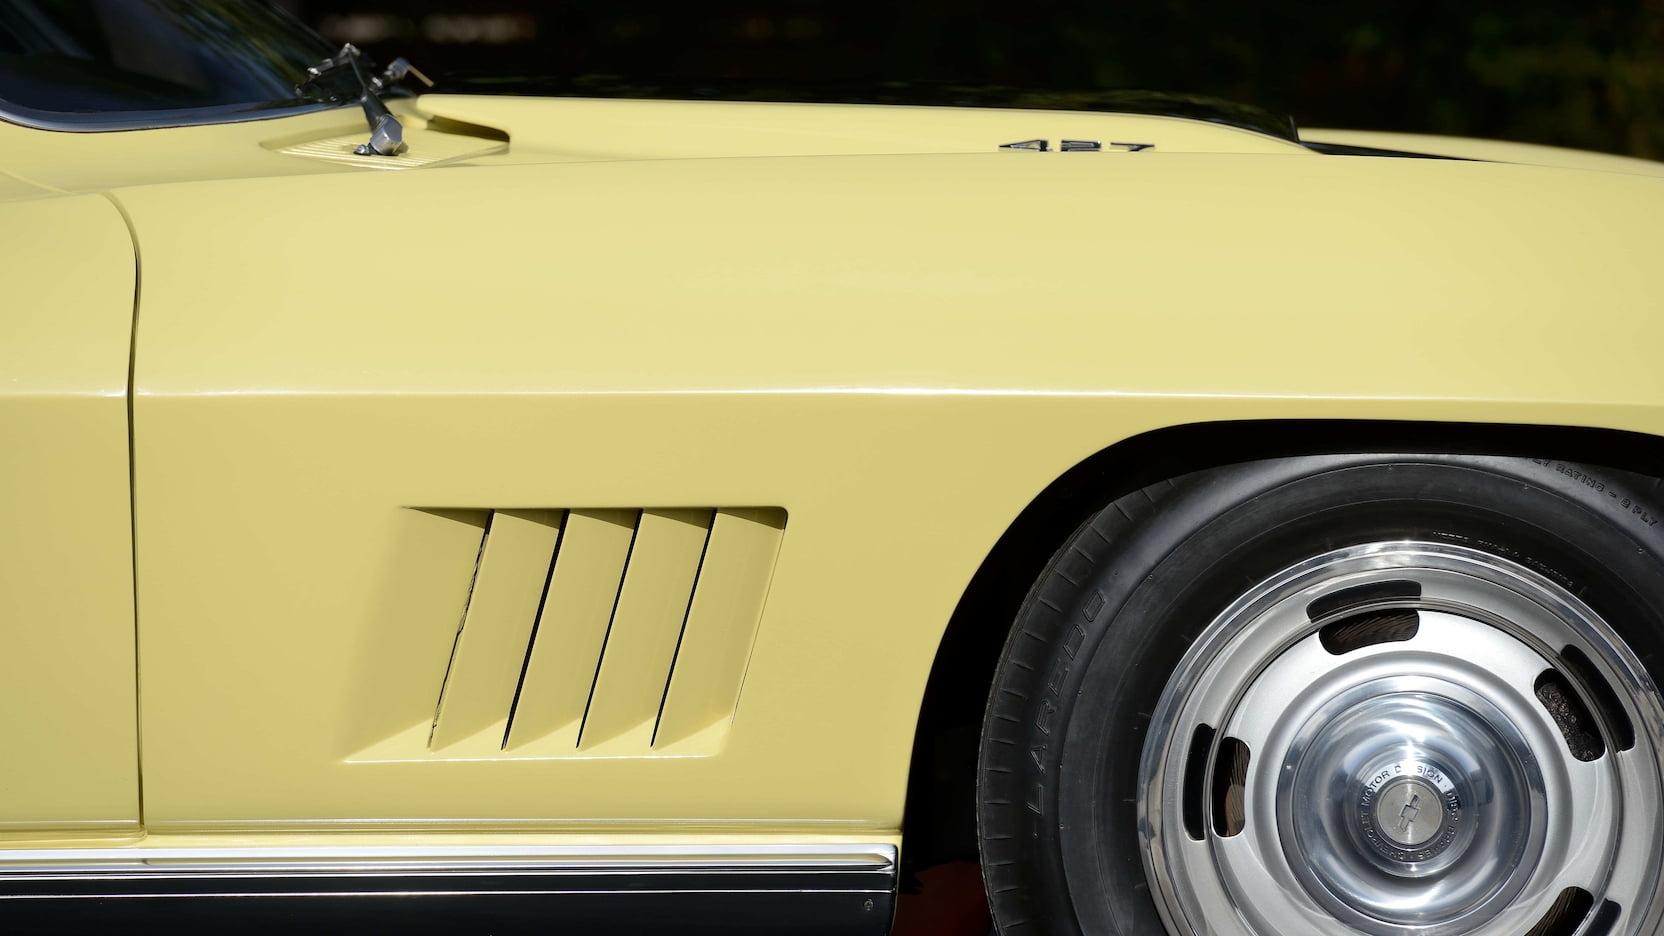 1967 Chevrolet Corvette L88 Side vents